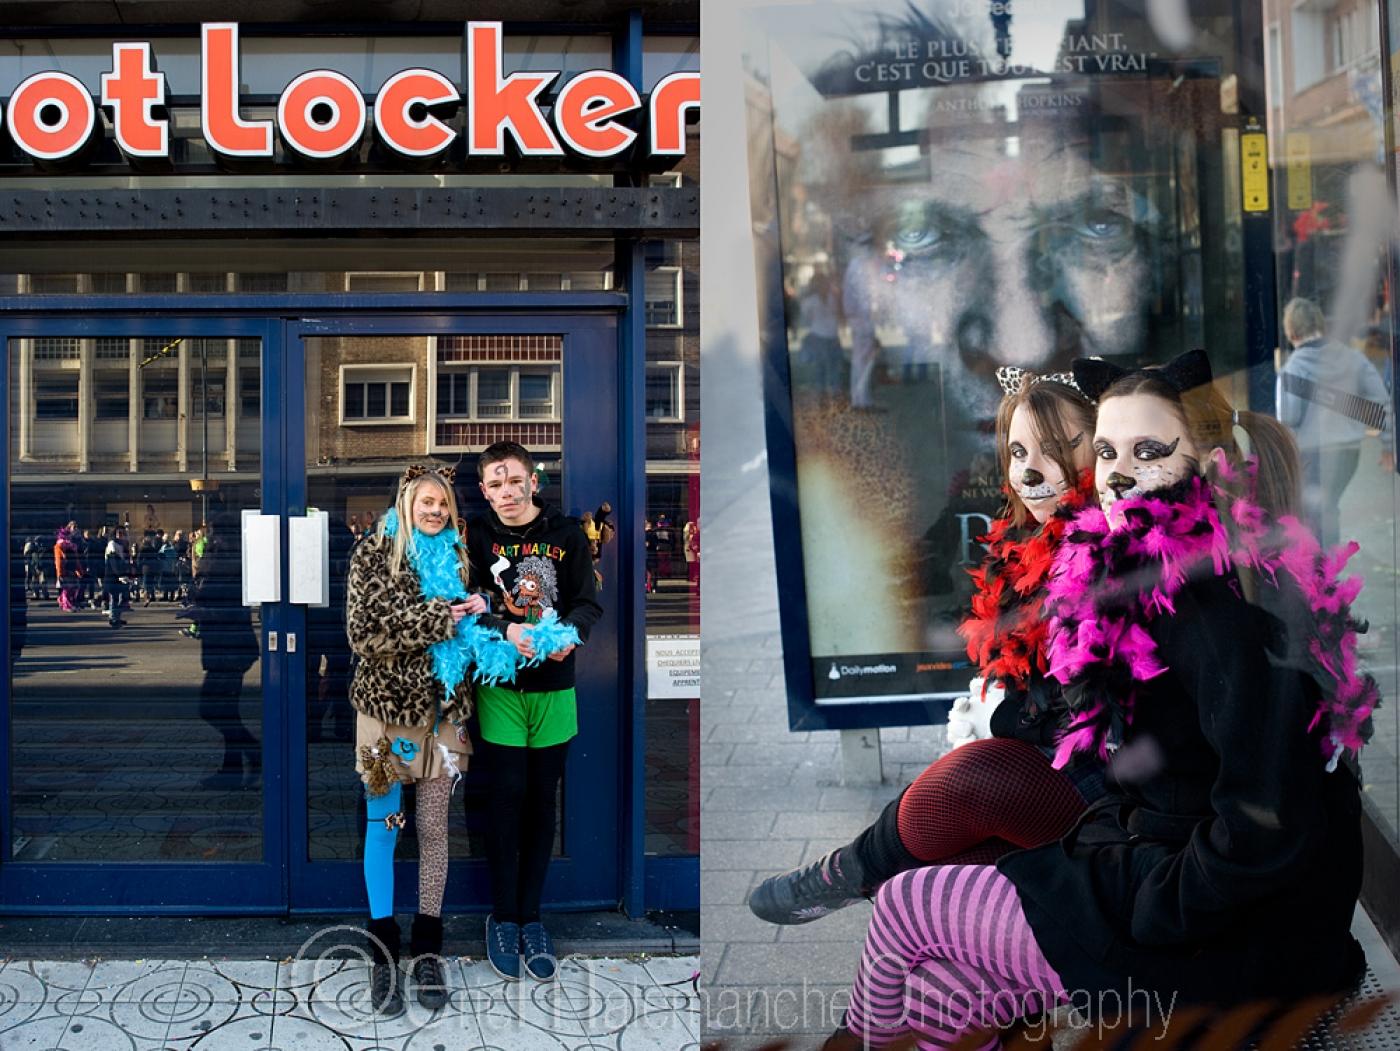 http://www.ericmalemanche.com/imagess/topics/carnaval-de-dunkerque/liste/Carnaval-Dunkerque-0460.jpg